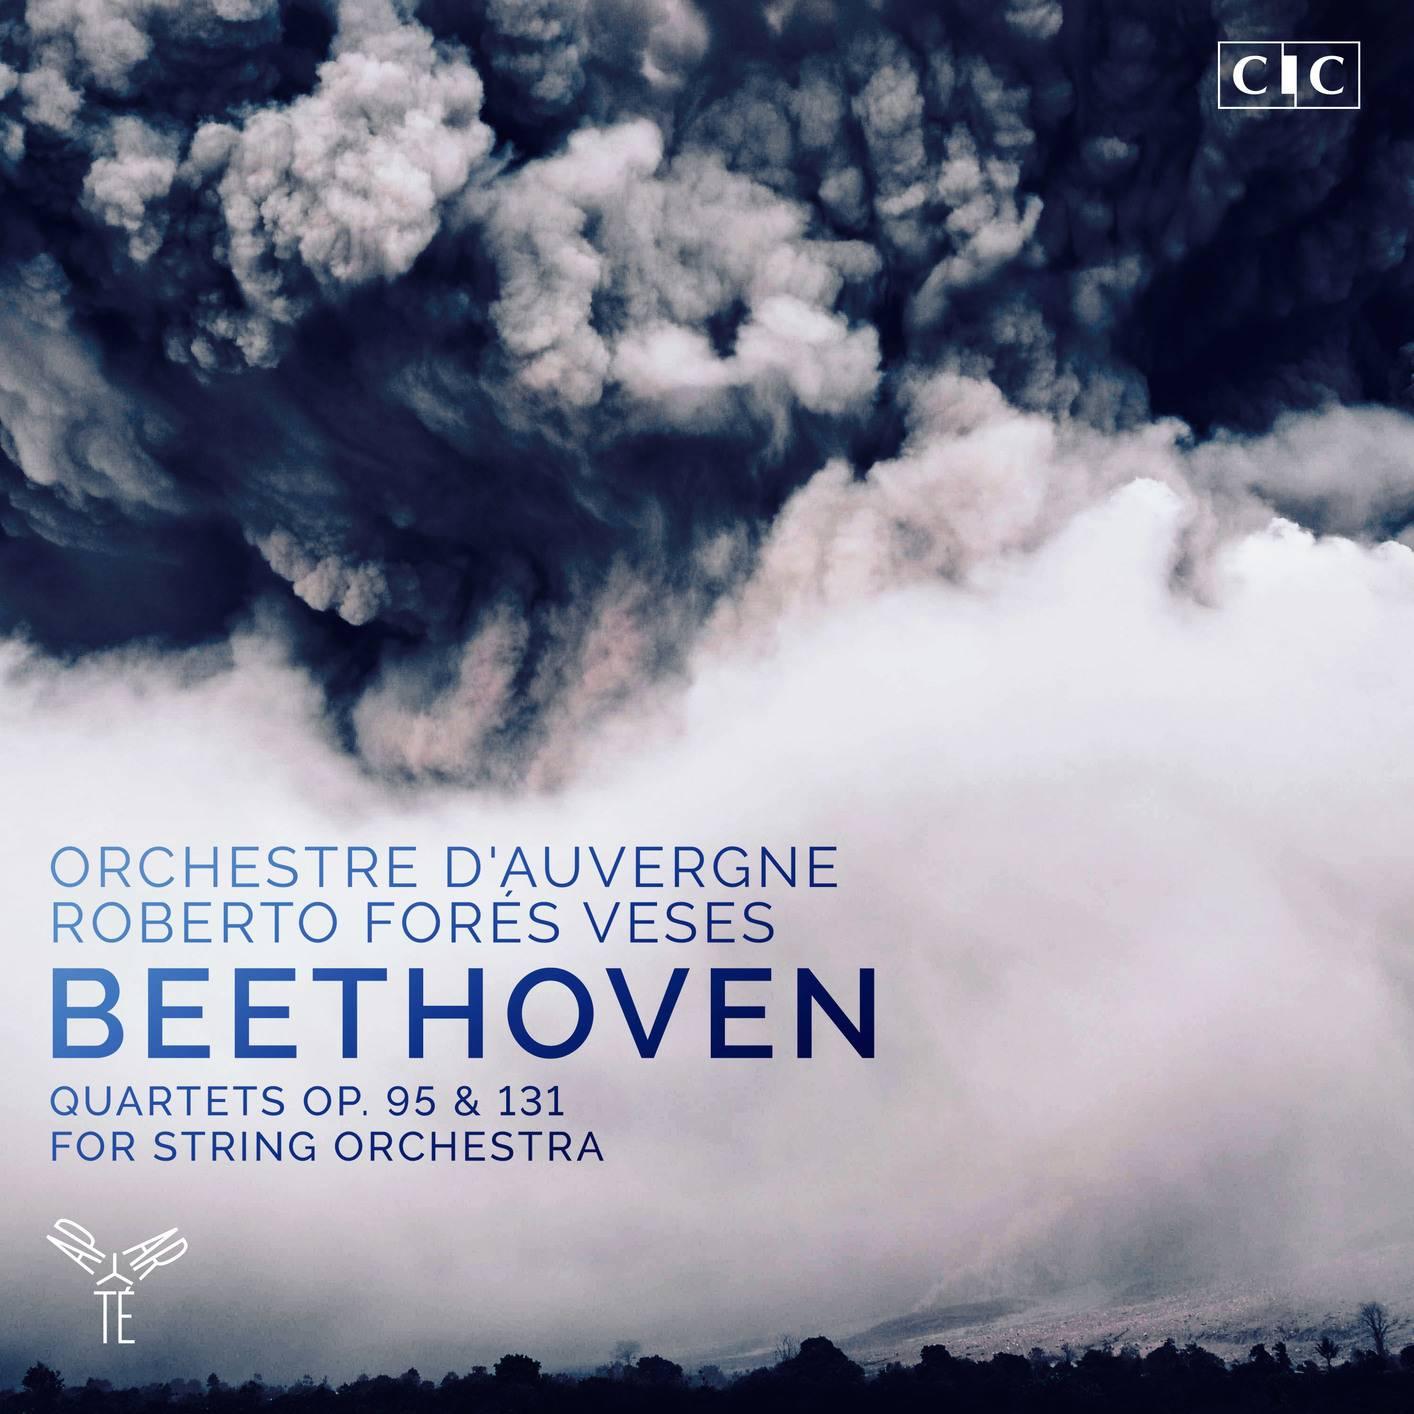 Roberto Forés Veses & Orchestre d'Auvergne - Beethoven: Quartets, Op. 95 & 131 (Arr. for String Orchestra) (2017) [24/96]